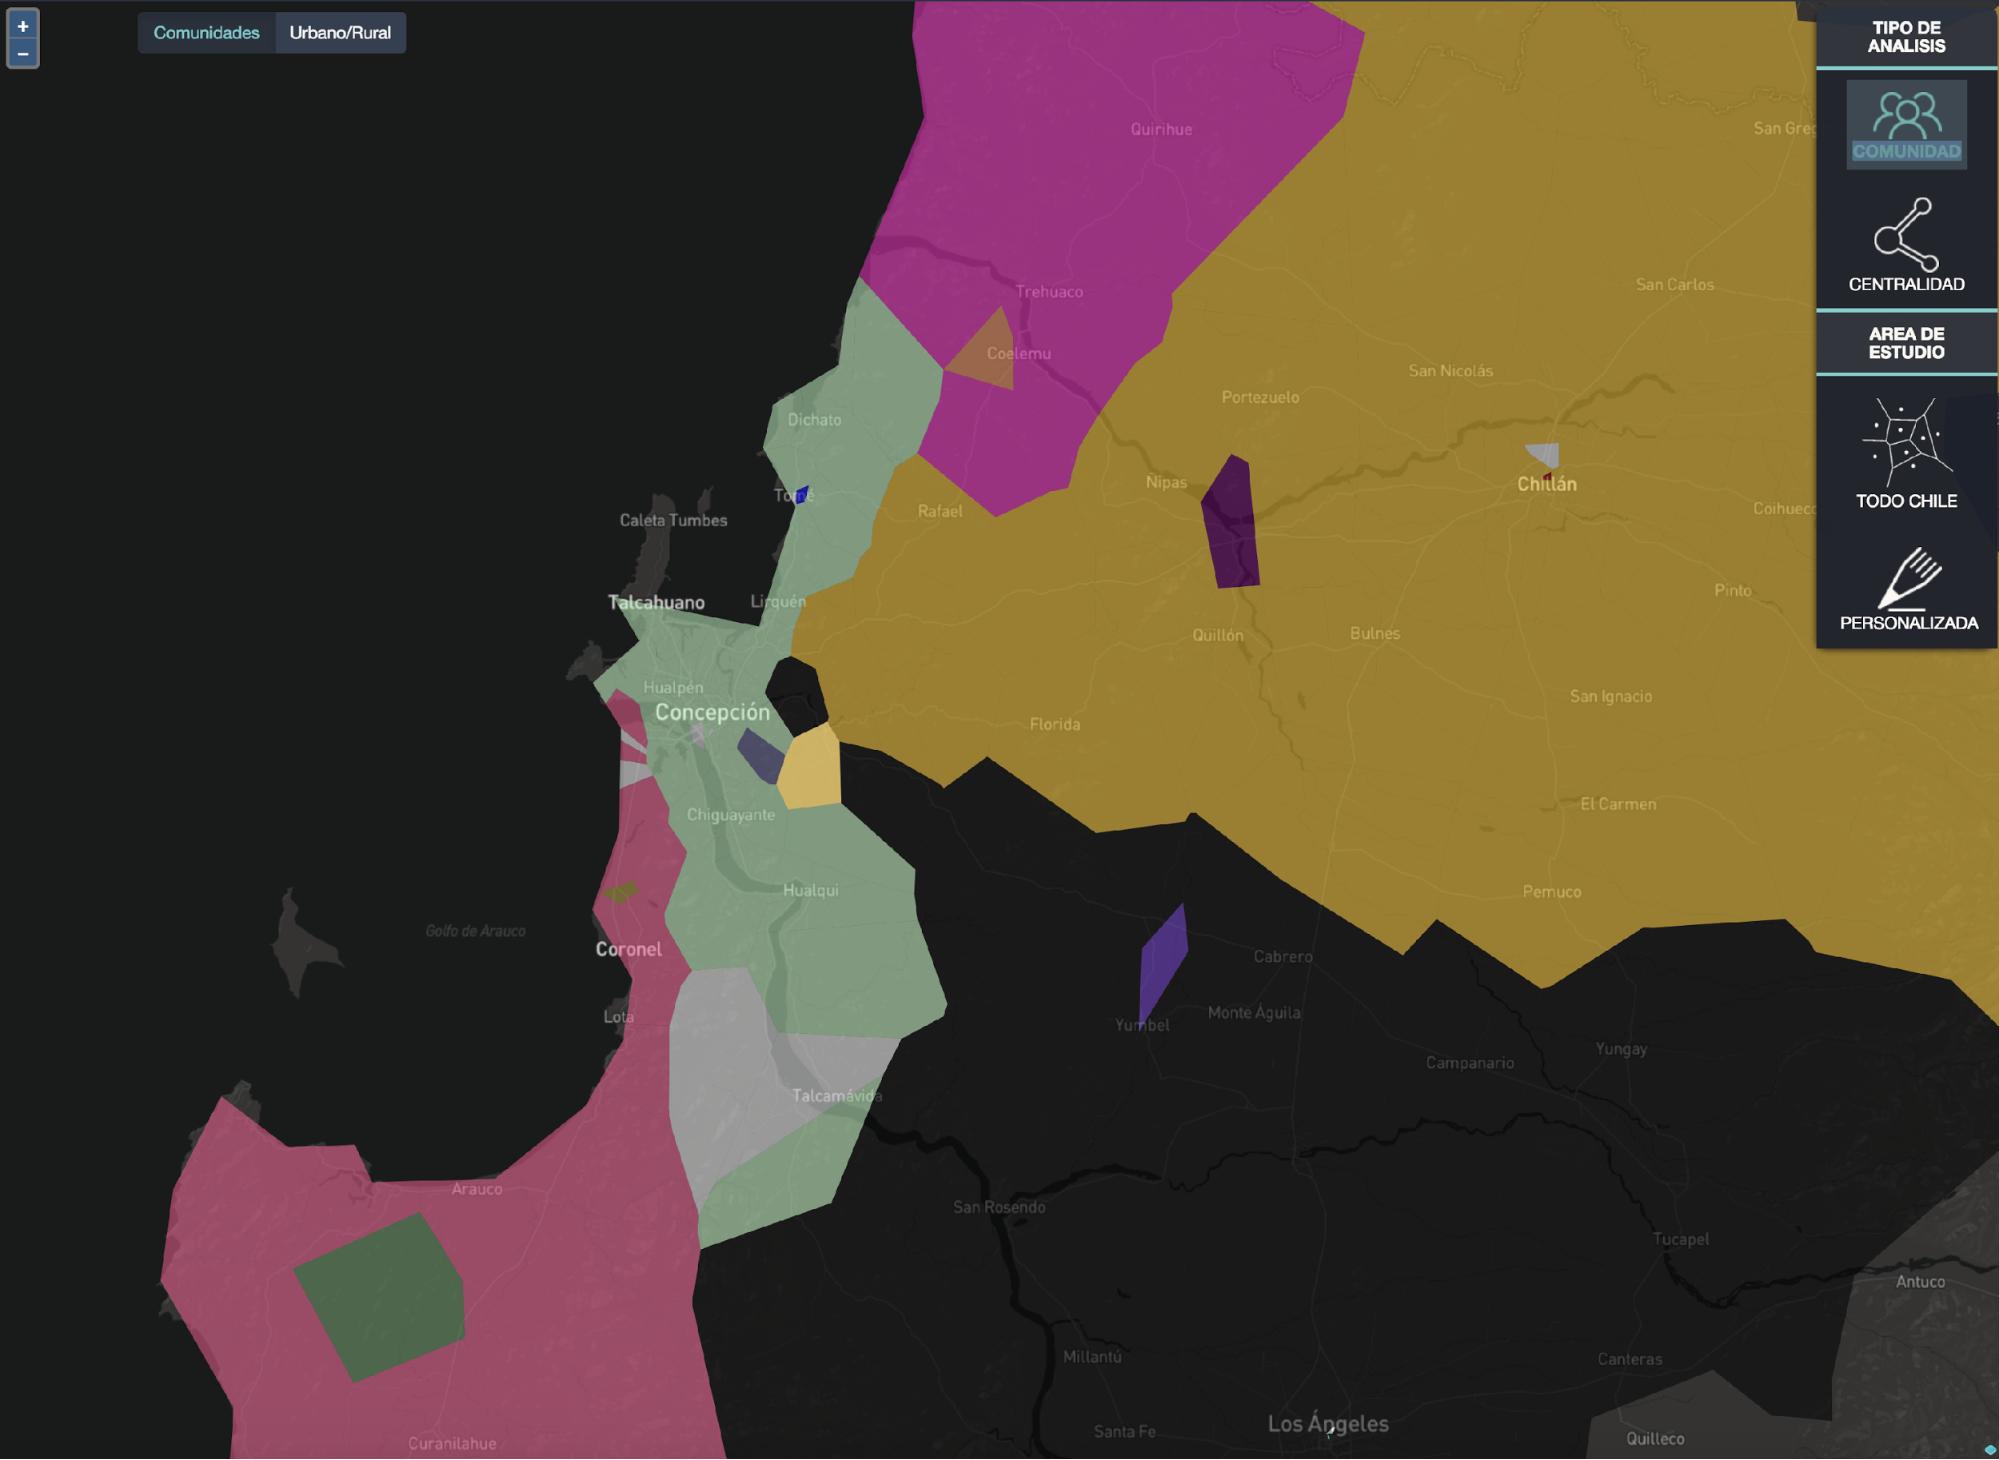 Visualización de la segregación de Concepción y sus alrededores